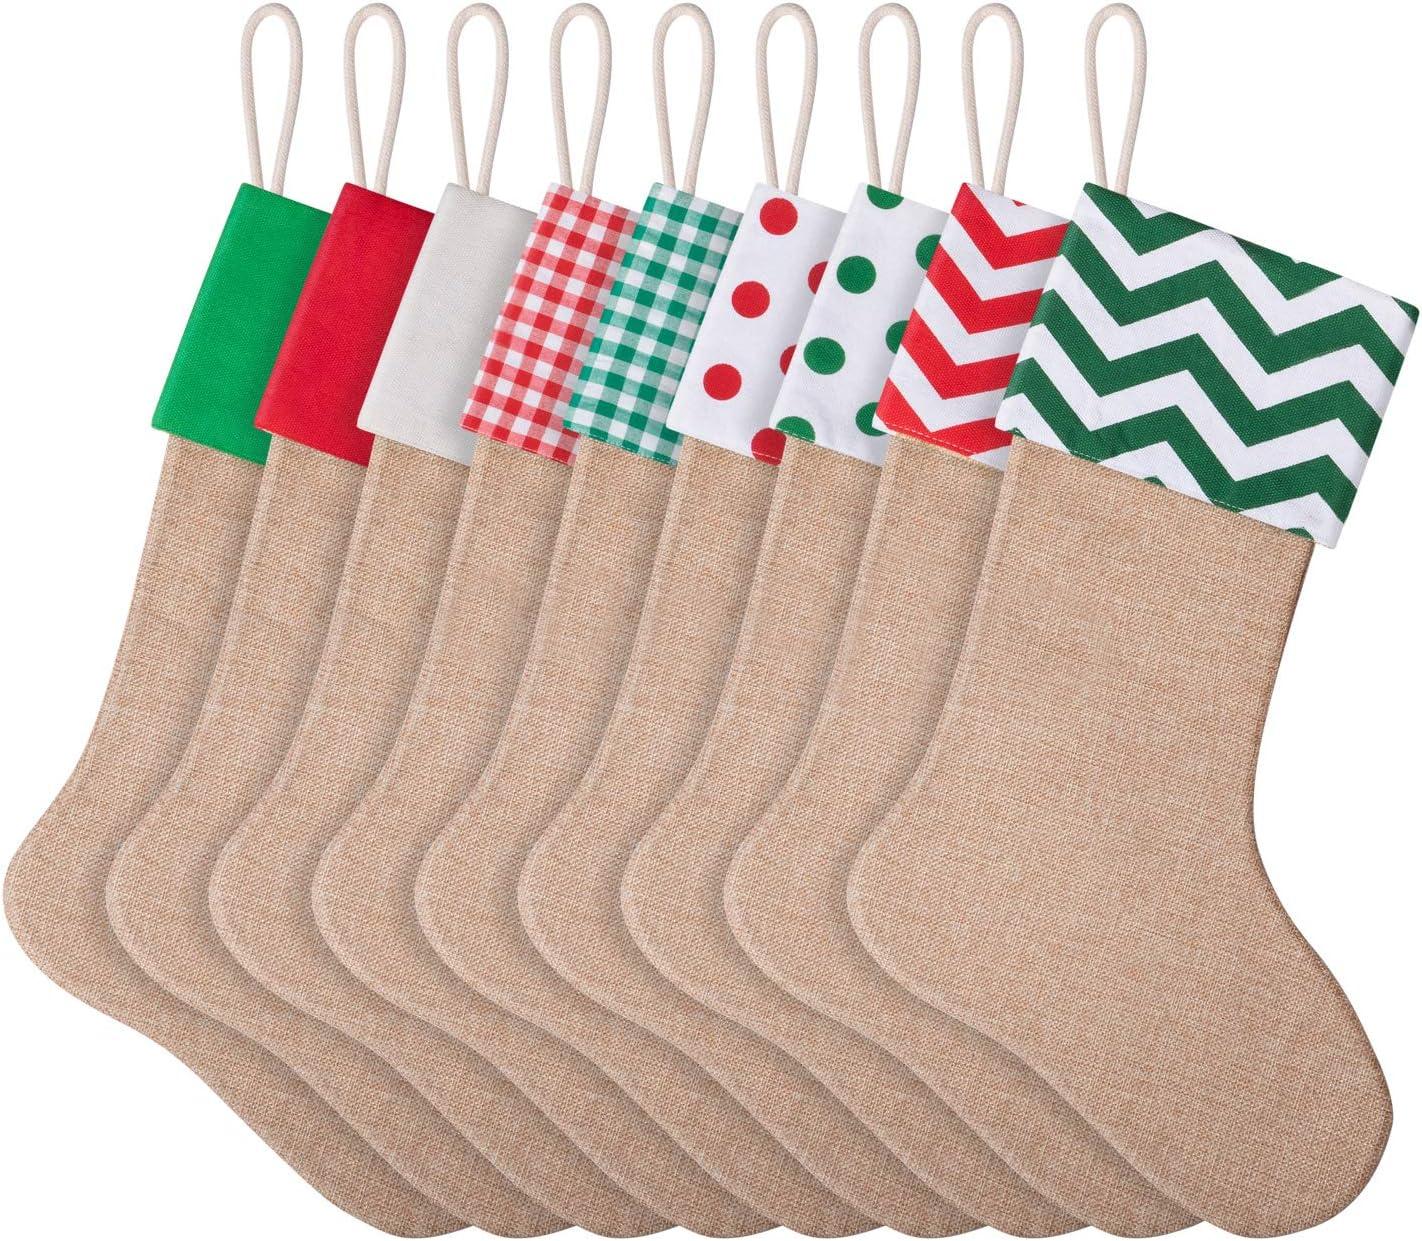 - Amazon.com: Favide 9 Pieces Christmas Burlap Stockings Xmas